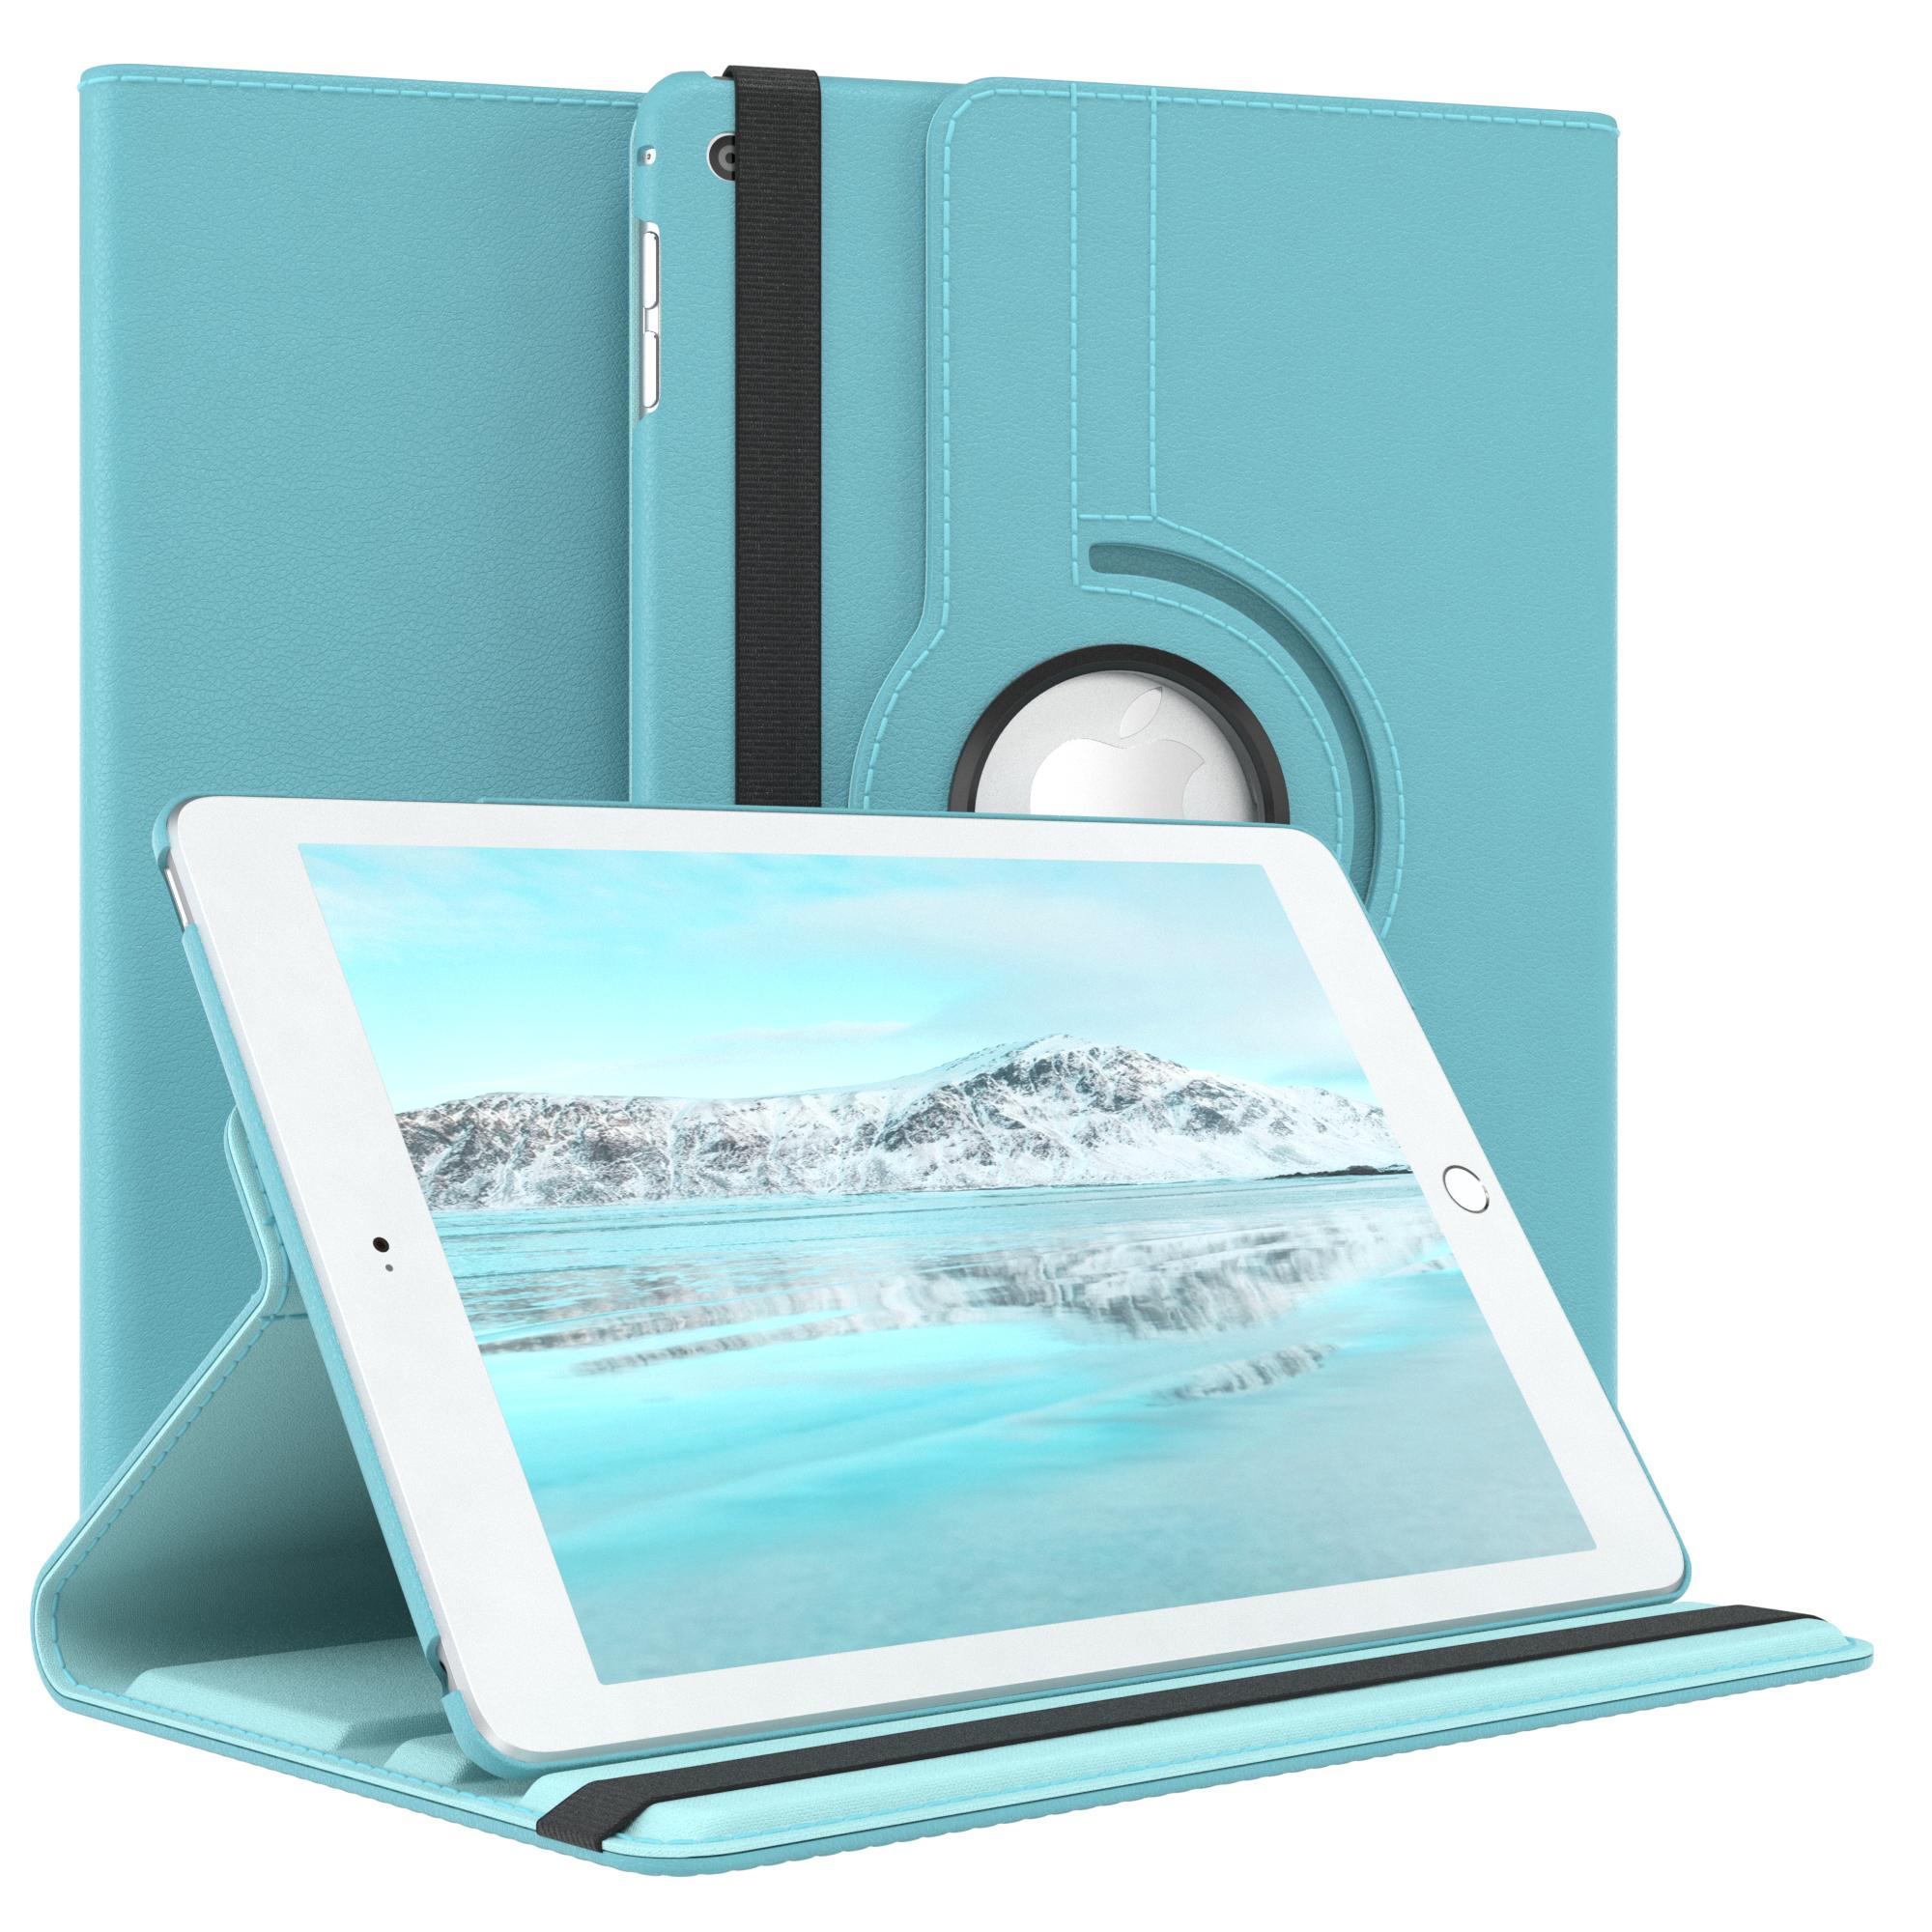 Tasche-fuer-Apple-iPad-Smart-Case-Schutz-Huelle-Etui-Tasche-Bumper-Flip-Cover-360 Indexbild 17